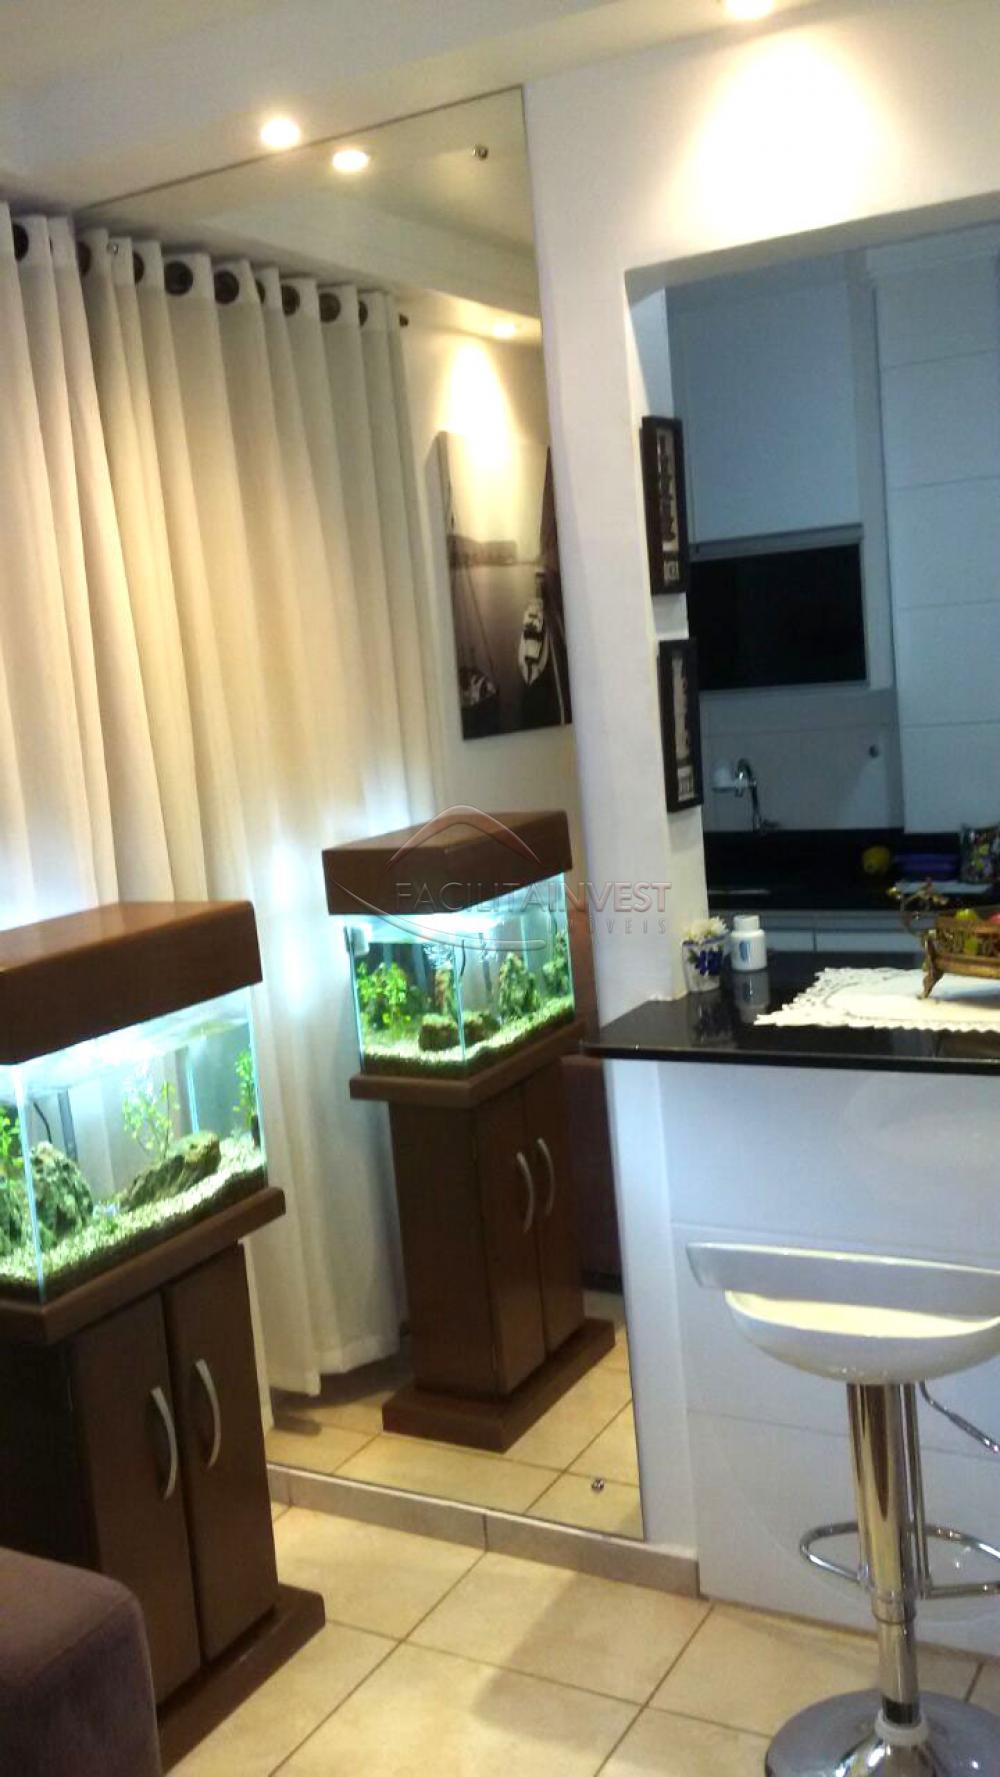 Comprar Apartamentos / Cobertura em Ribeirão Preto apenas R$ 245.000,00 - Foto 3